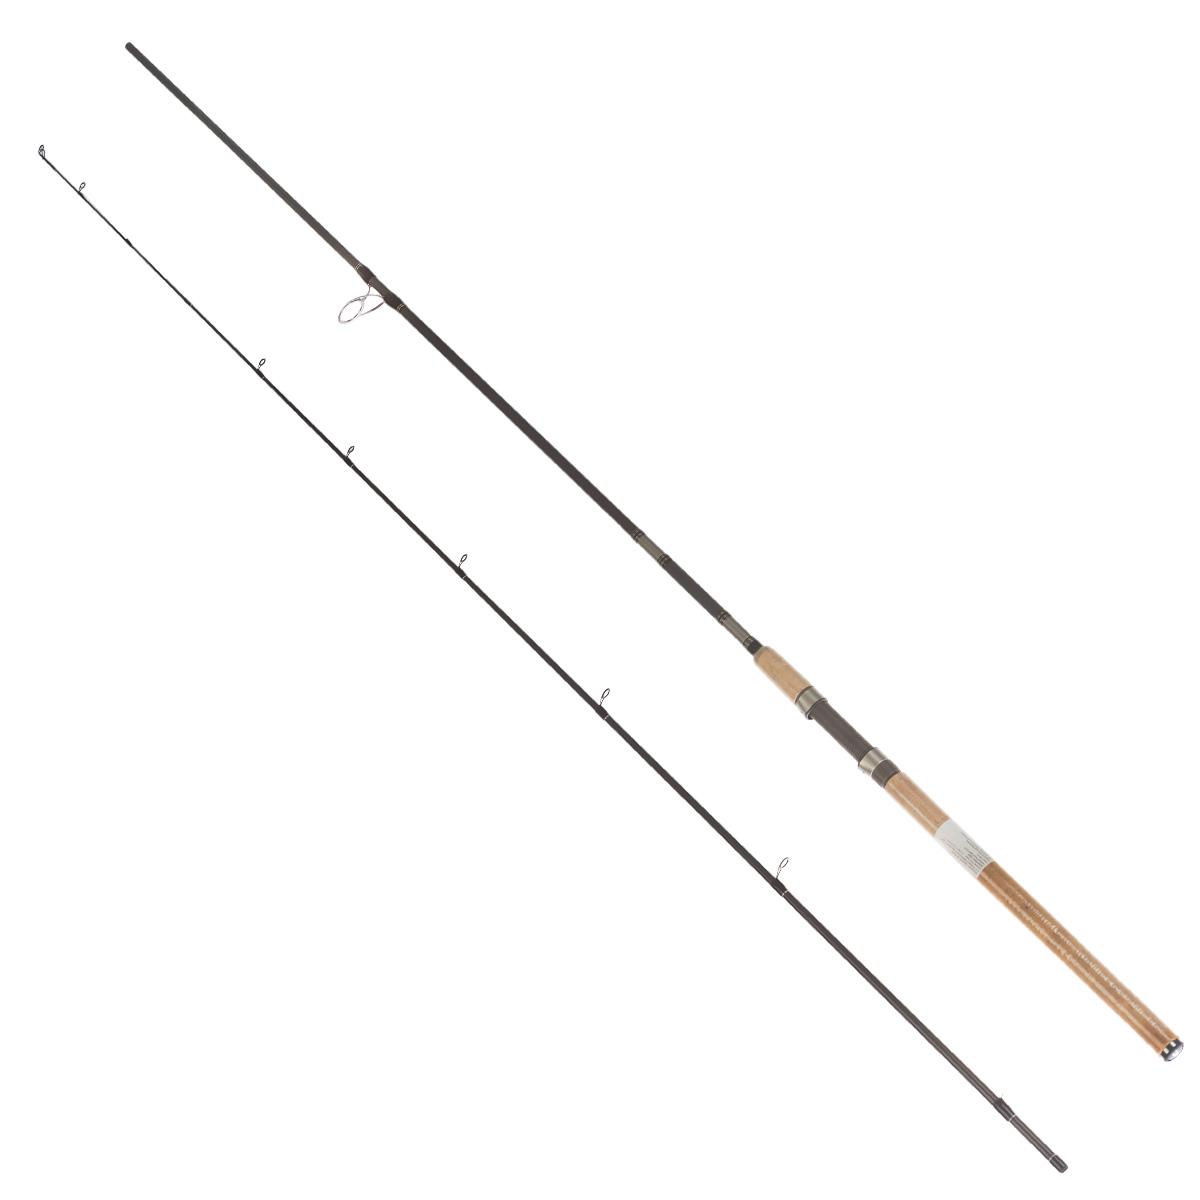 Спиннинг штекерный Daiwa Exceler-RU, 3,05 м, 15-50 г